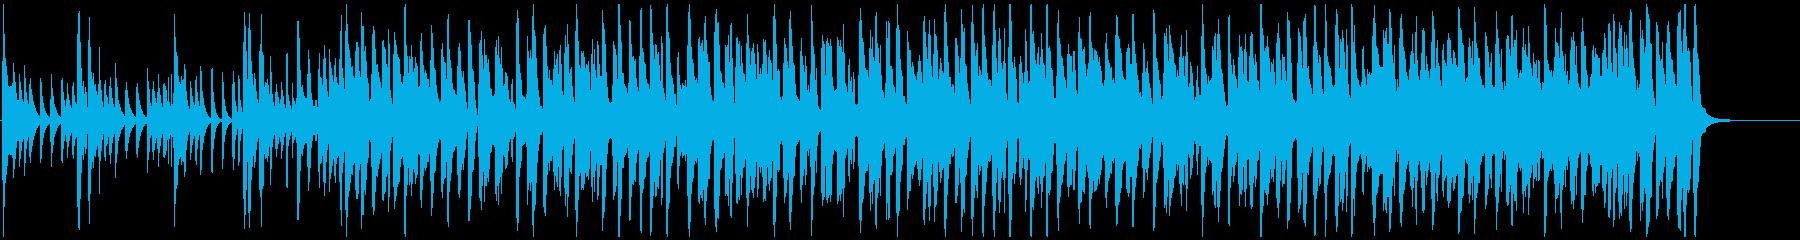 源さんっぽいHappyなポップ ショートの再生済みの波形